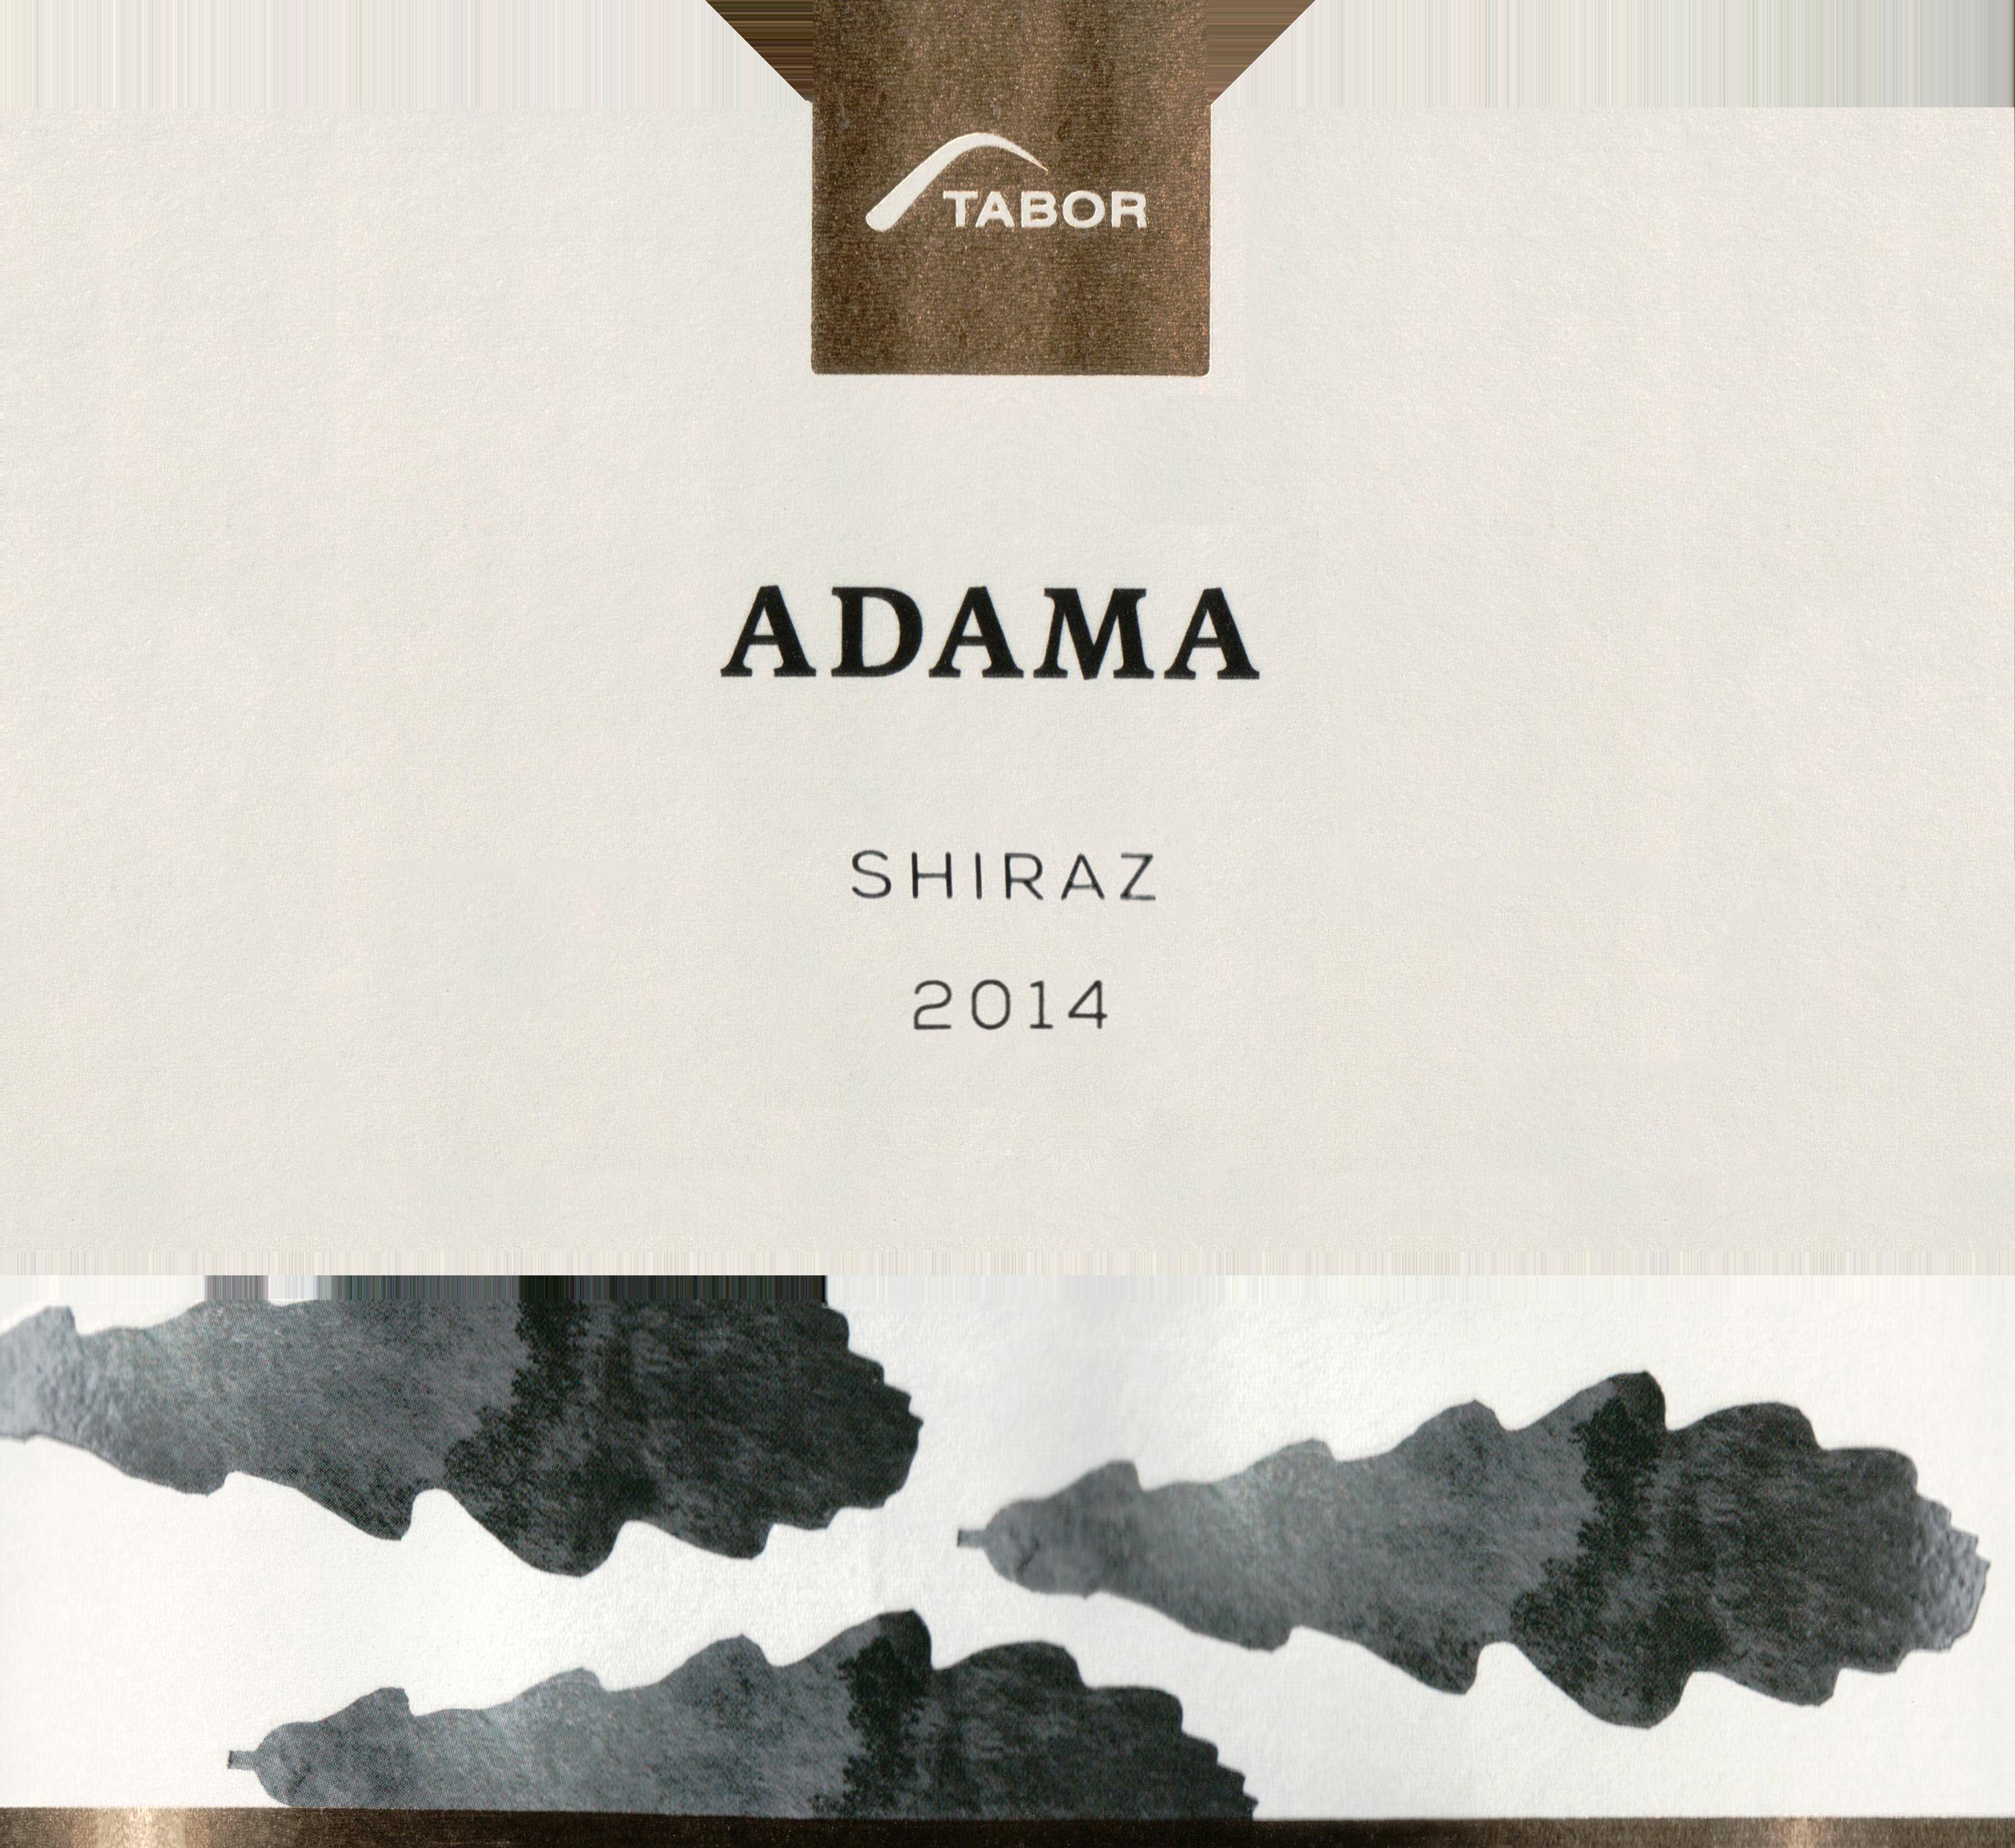 Tabor Adama Shiraz 2014